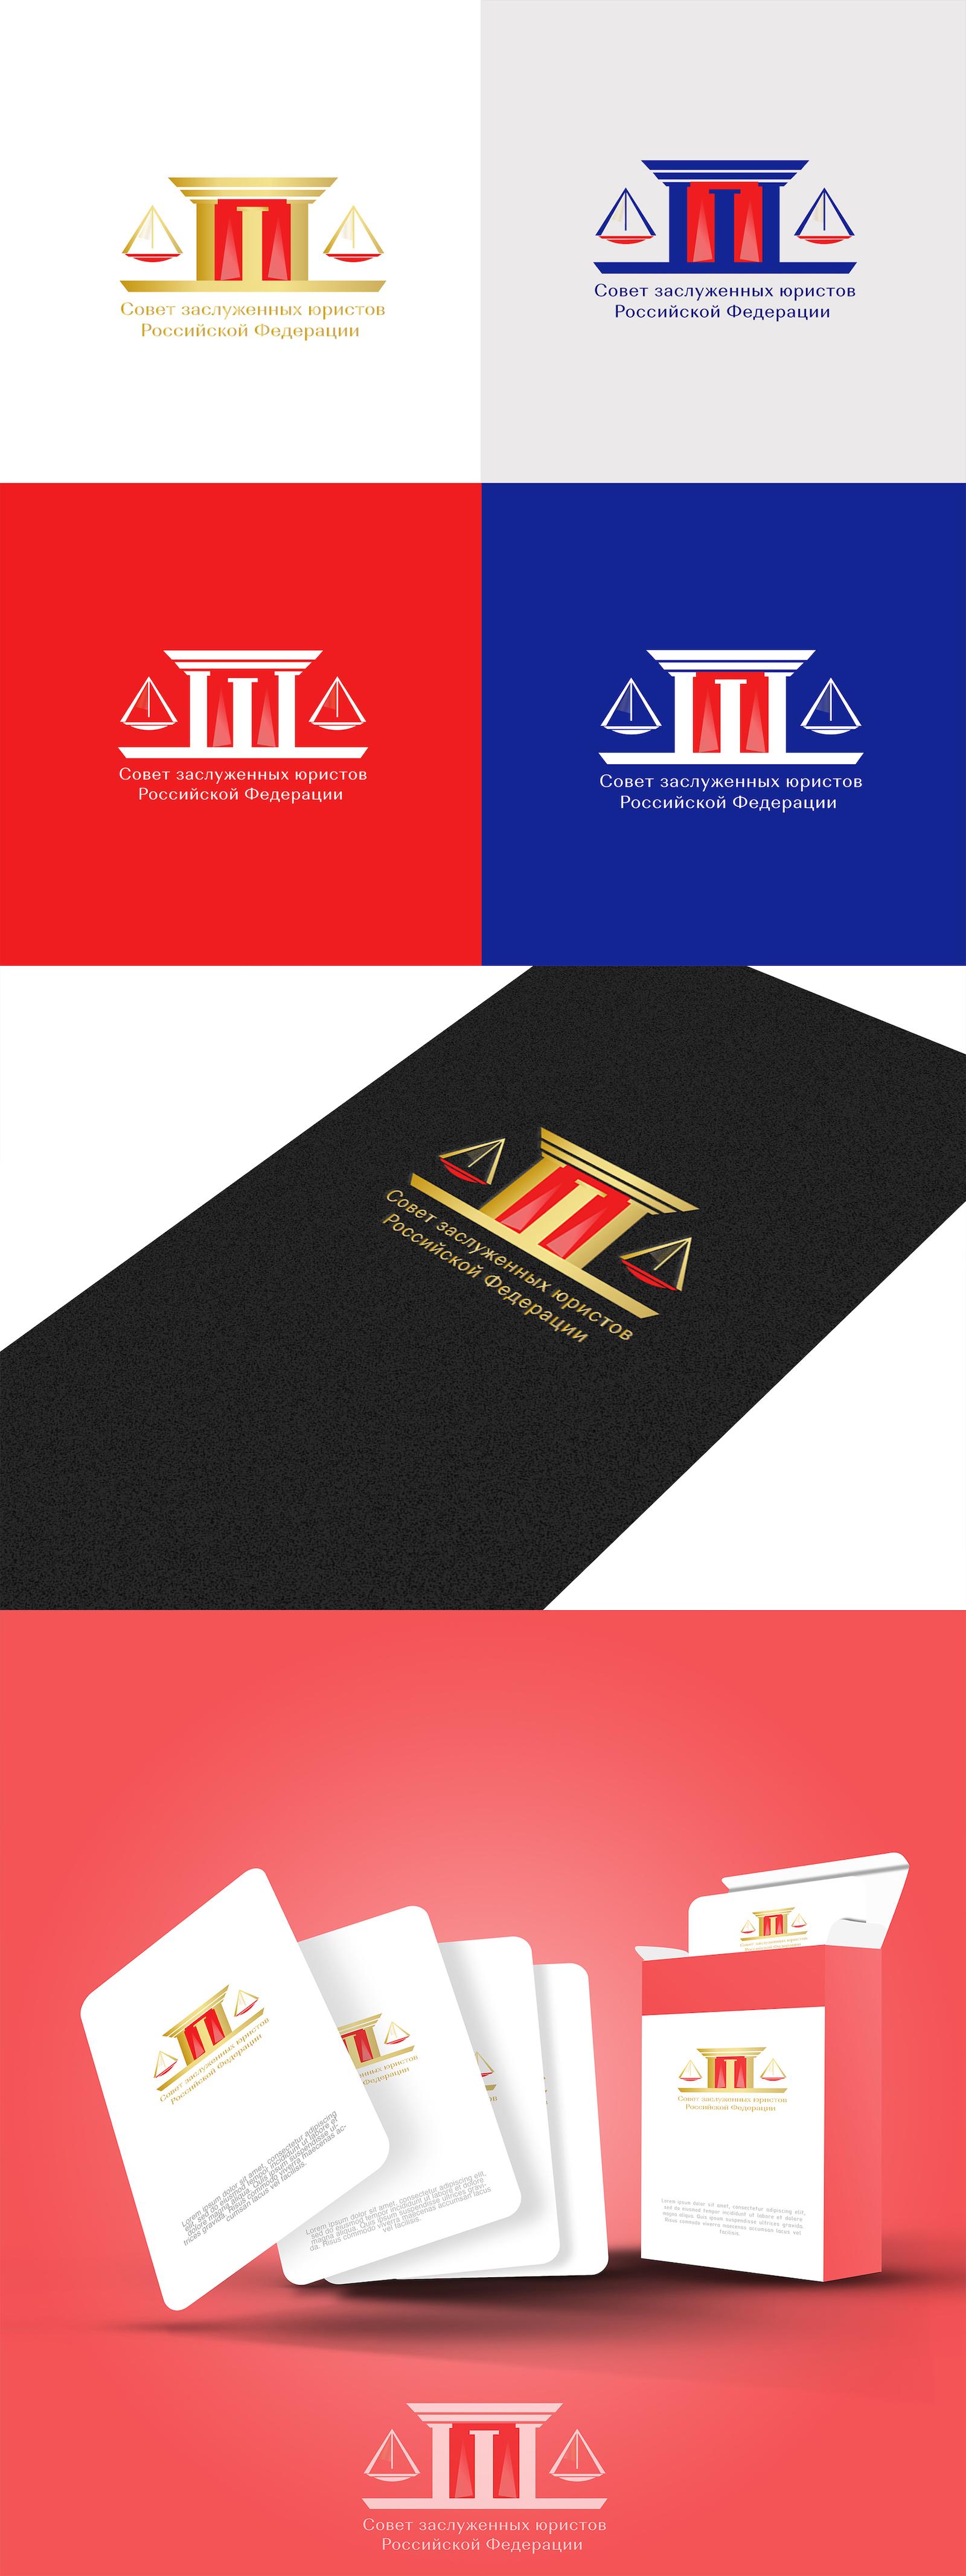 Разработка логотипа Совета (Клуба) заслуженных юристов Российской Федерации фото f_0415e4d499173984.jpg